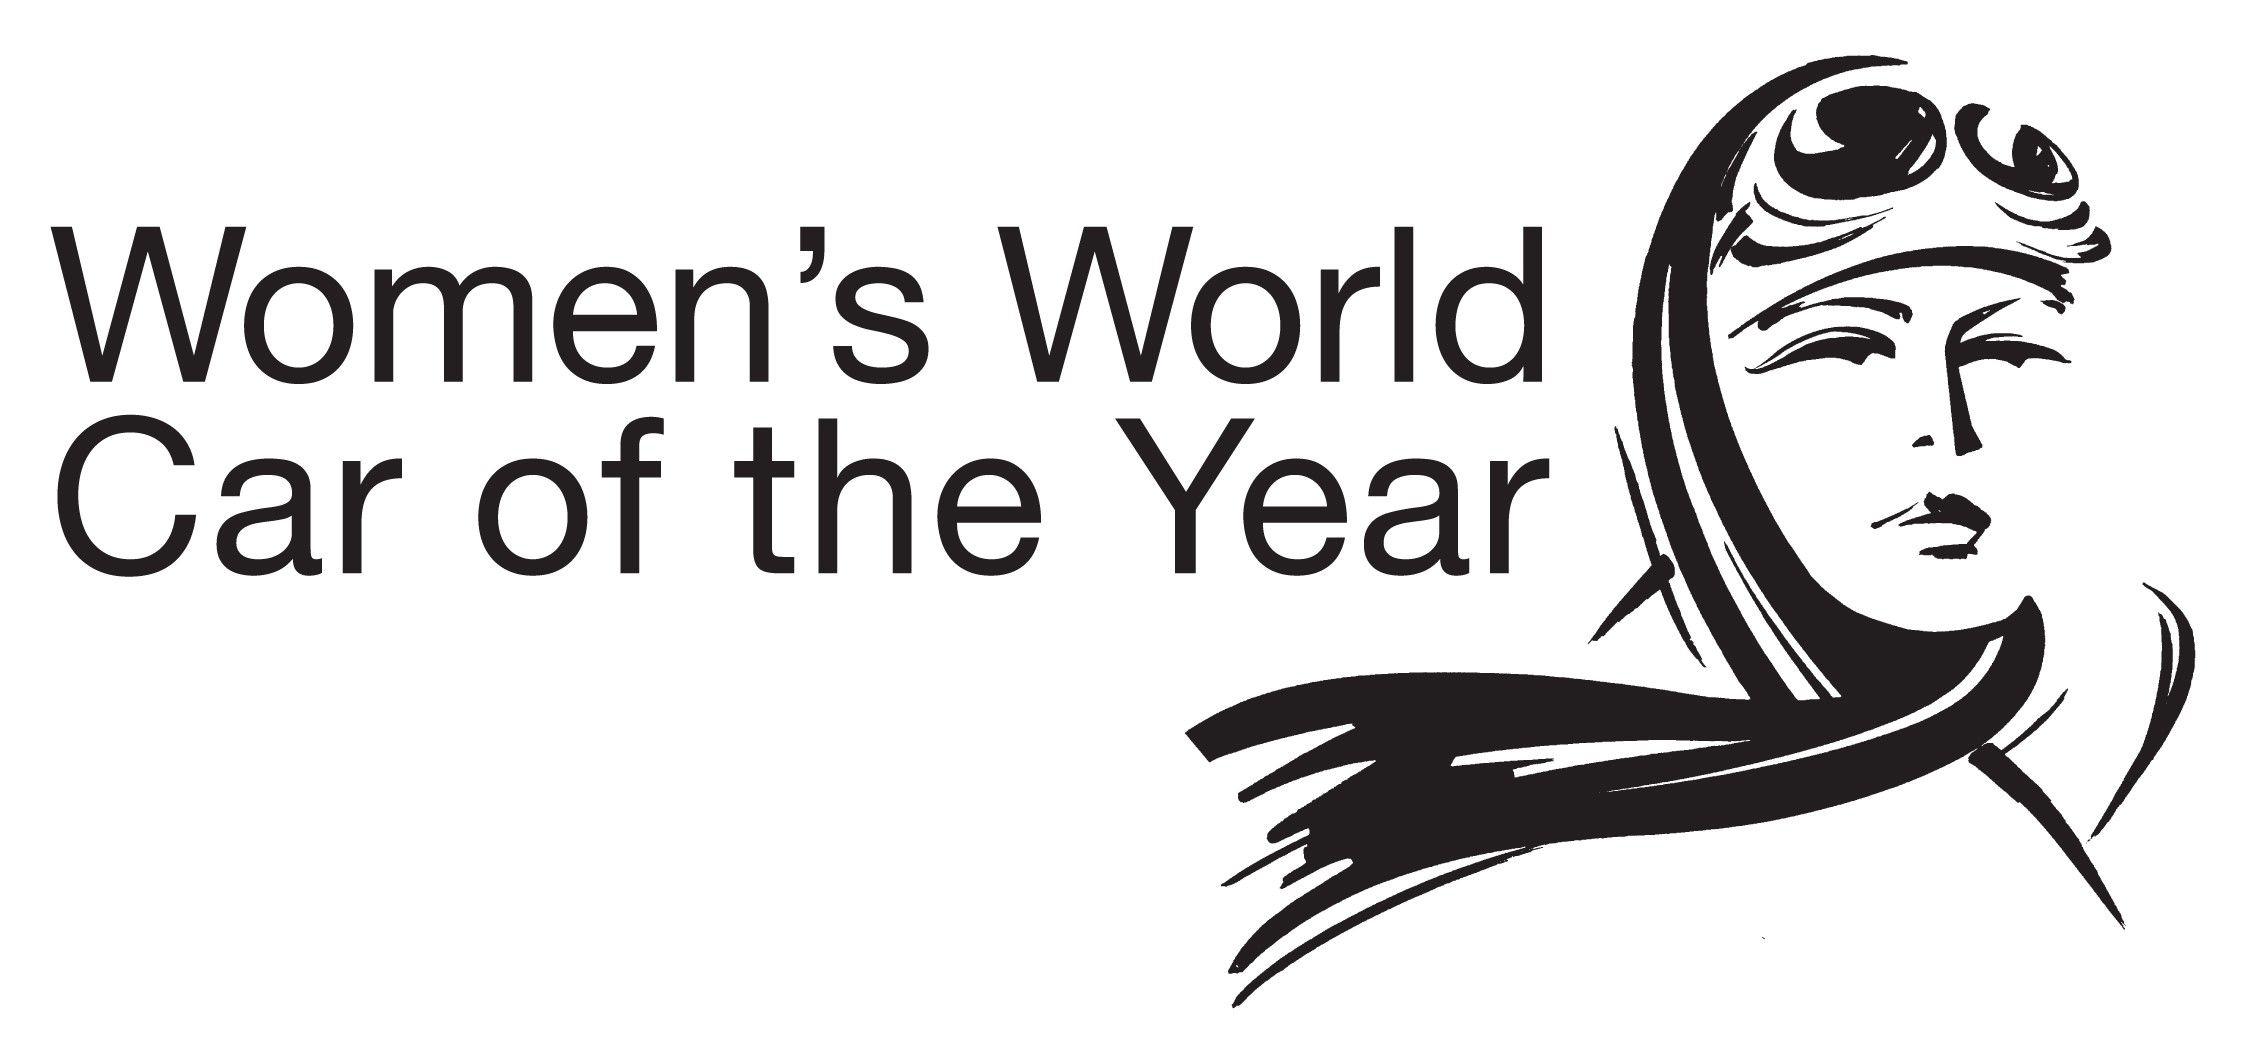 El Peugeot 3008 elegido Women's World Car of the Year en la categoría SUV